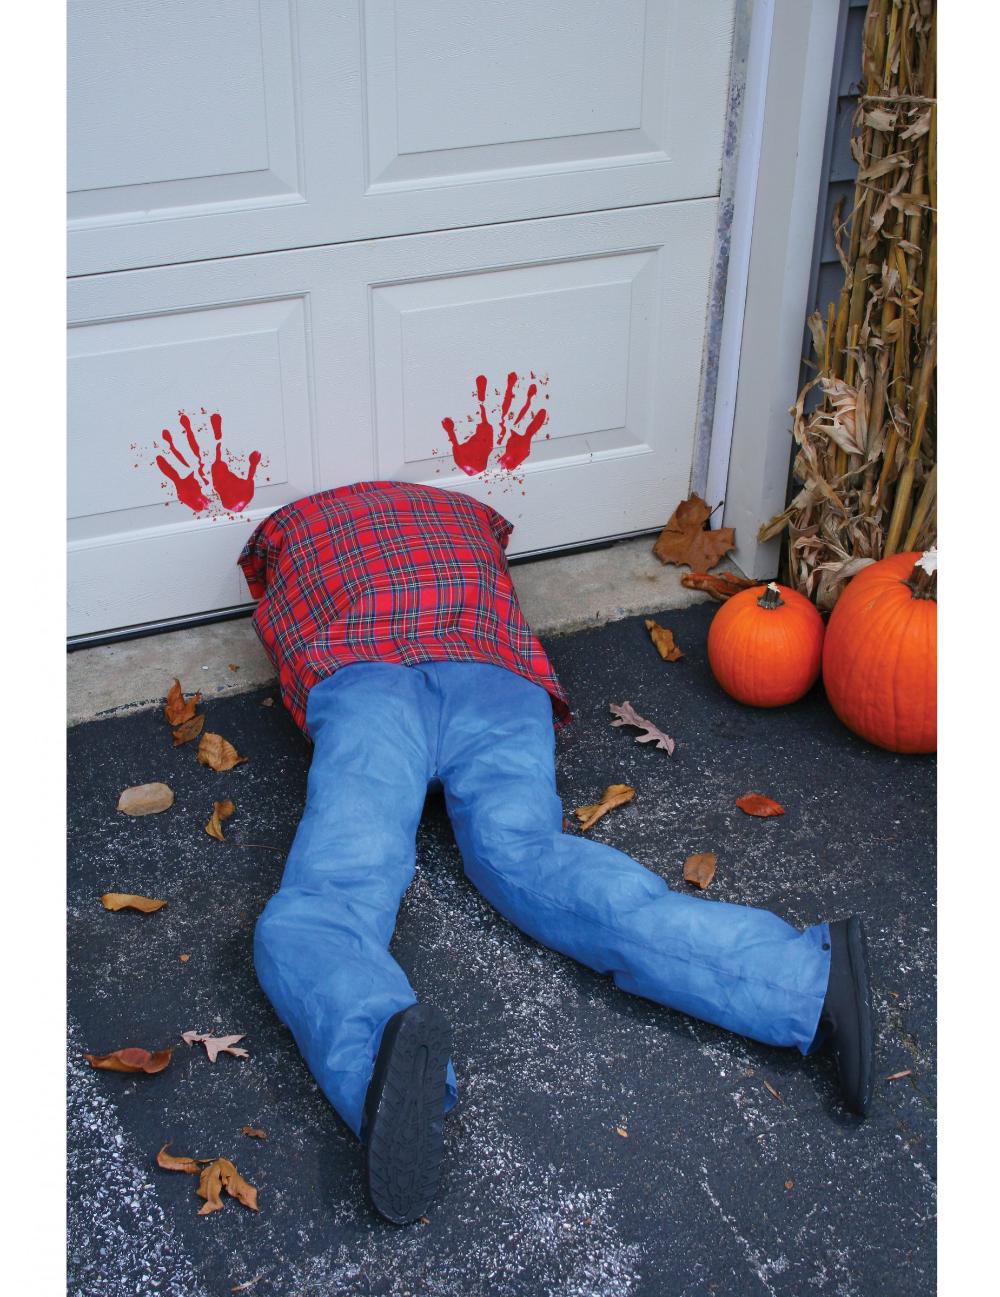 Gekopfter Leichnam Halloween Dekoration Blau Rot Gunstige Halloween Partydeko Bei Horrorklinik Der Grosste Ha Halloweendeko Partydeko Halloween Selber Machen